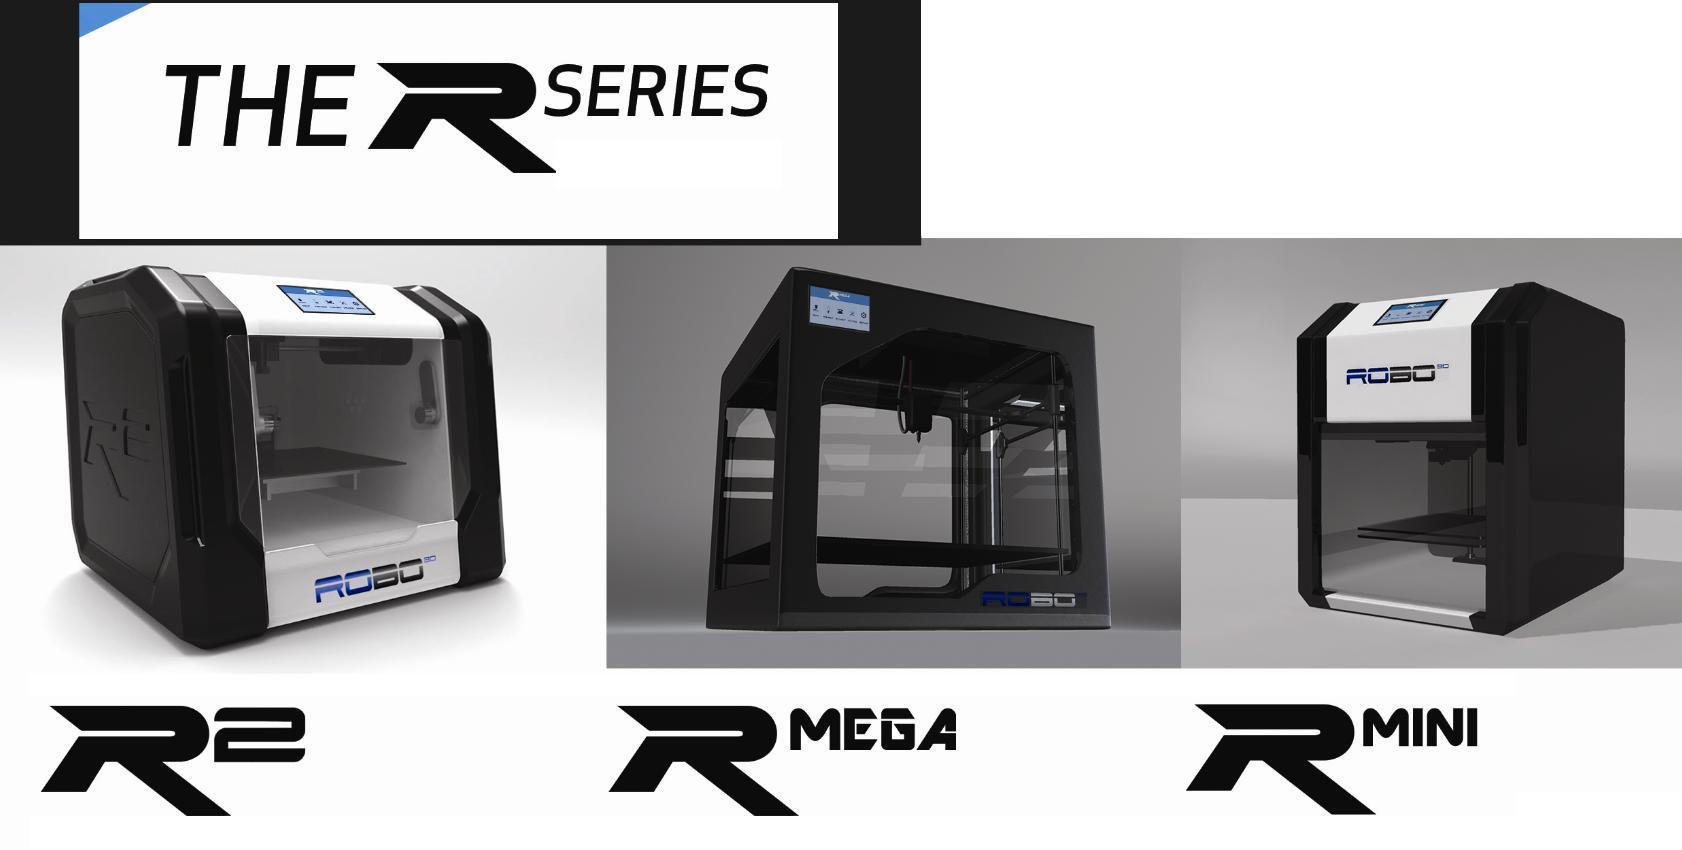 ROBO 3D Unveils Three New 3D Printers Full Color